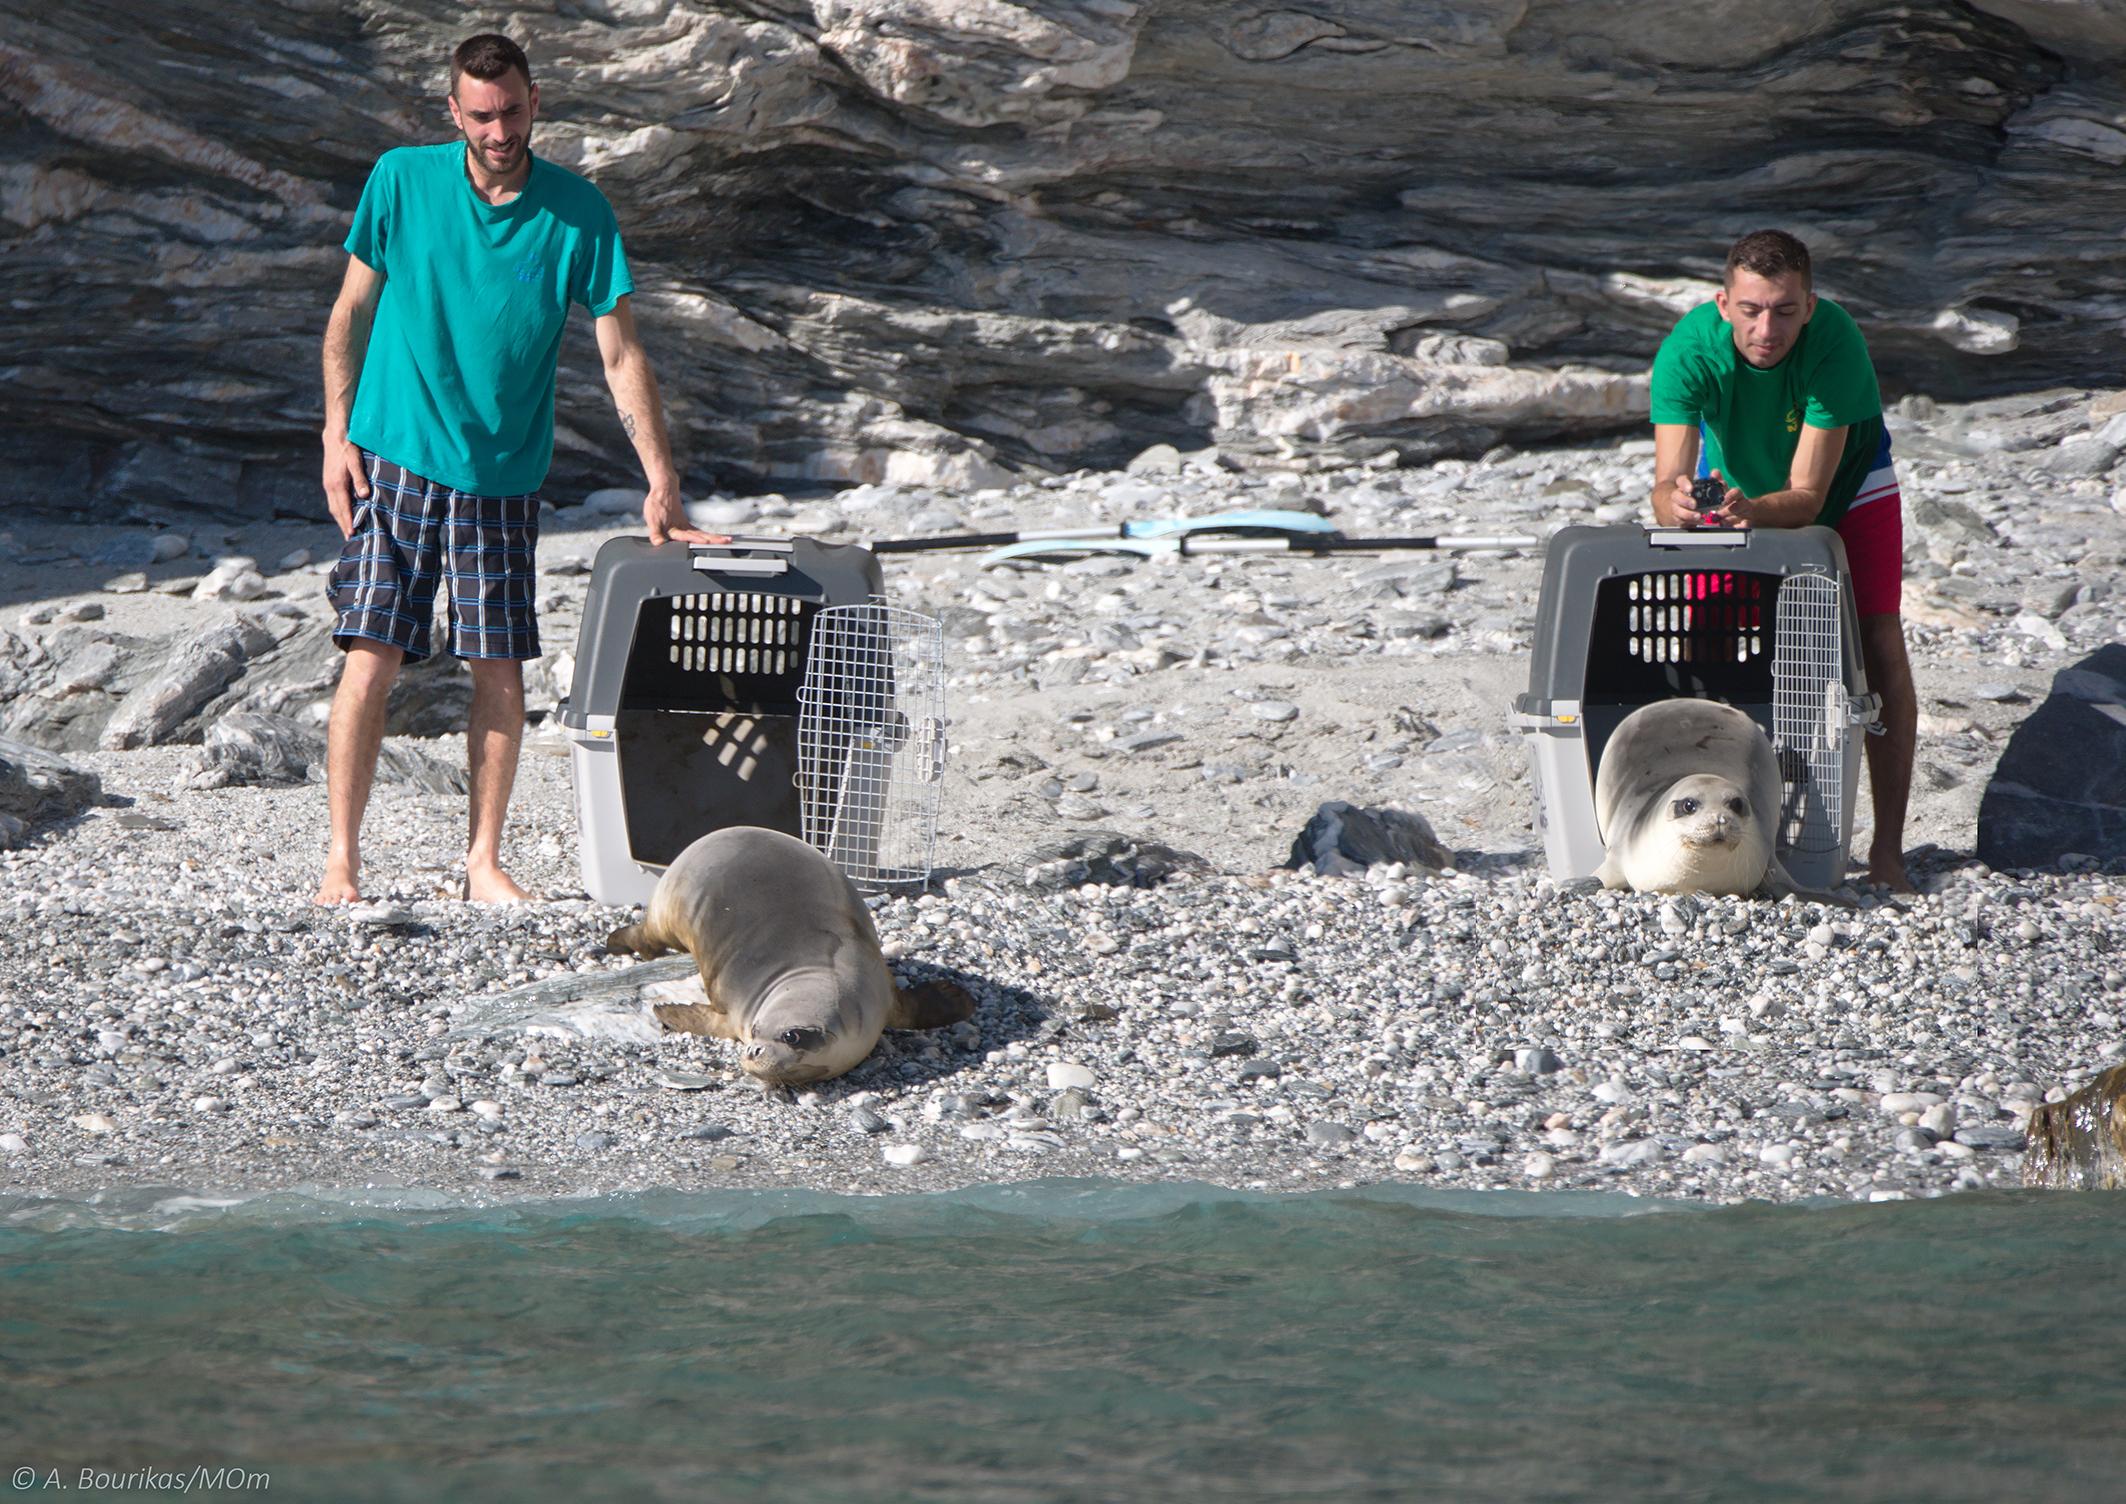 Κυκλάδες: Η Λένα και η Νικόλ ξανά στο φυσικό τους περιβάλλον! Έτσι επέστρεψαν στη θάλασσα (Φωτό)